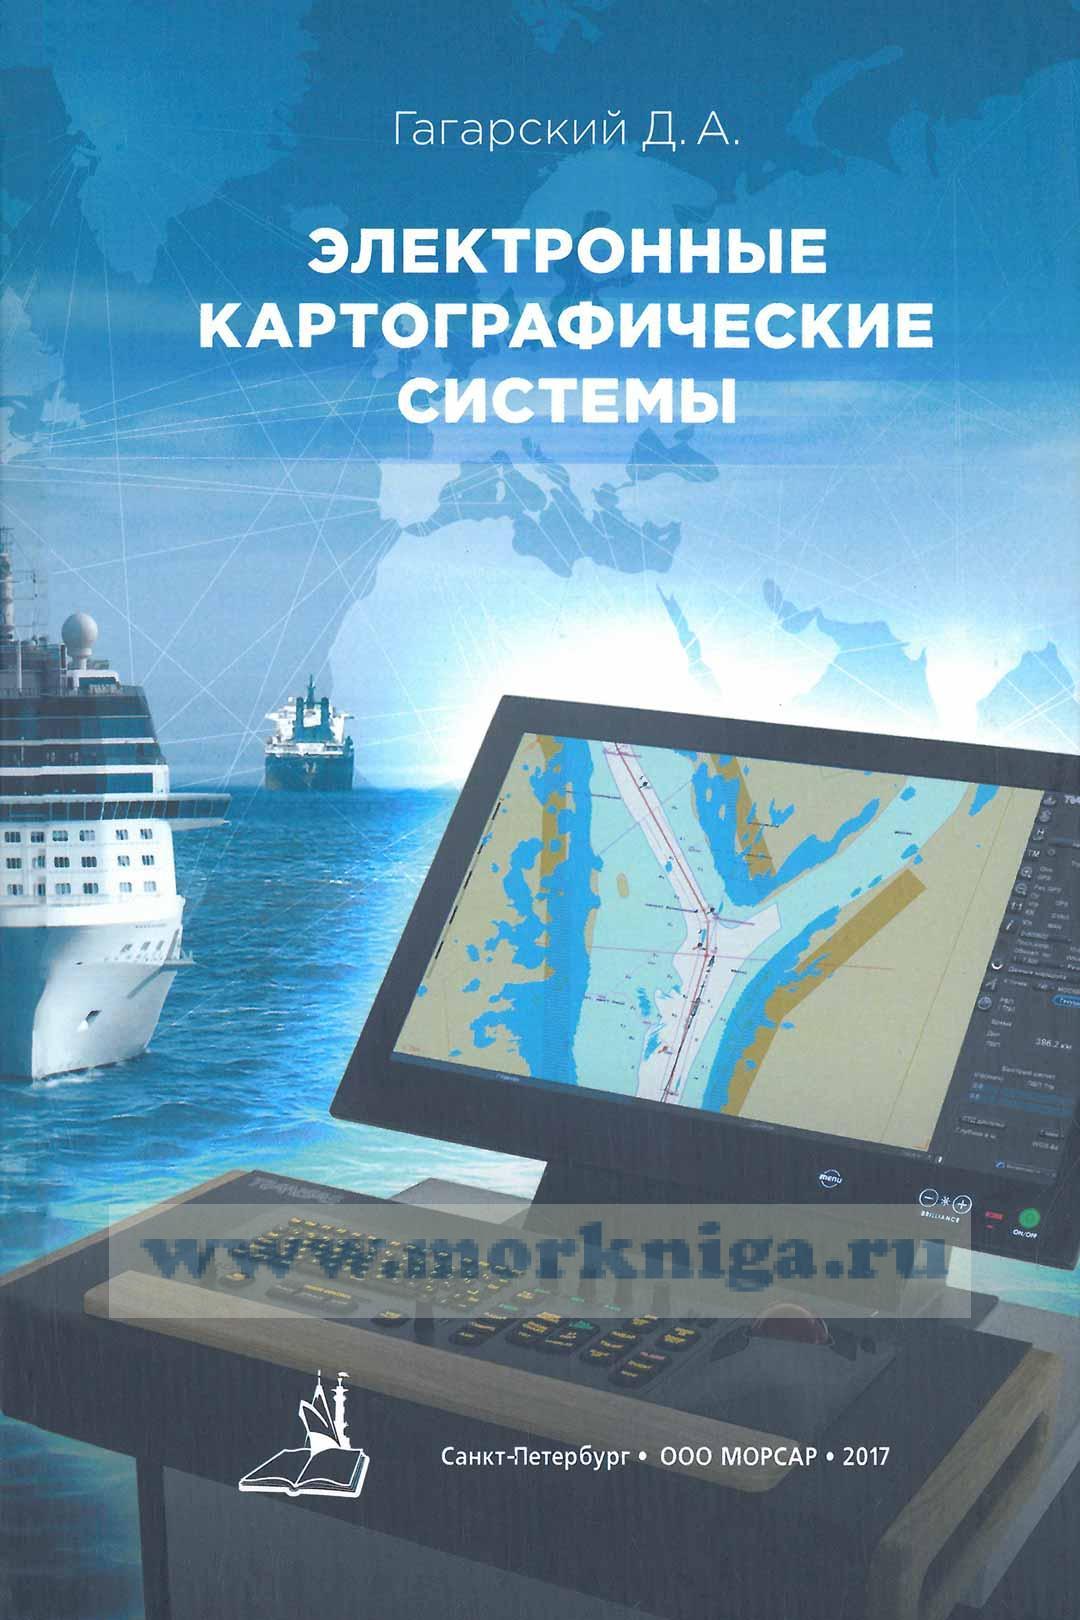 Электронные картографические системы